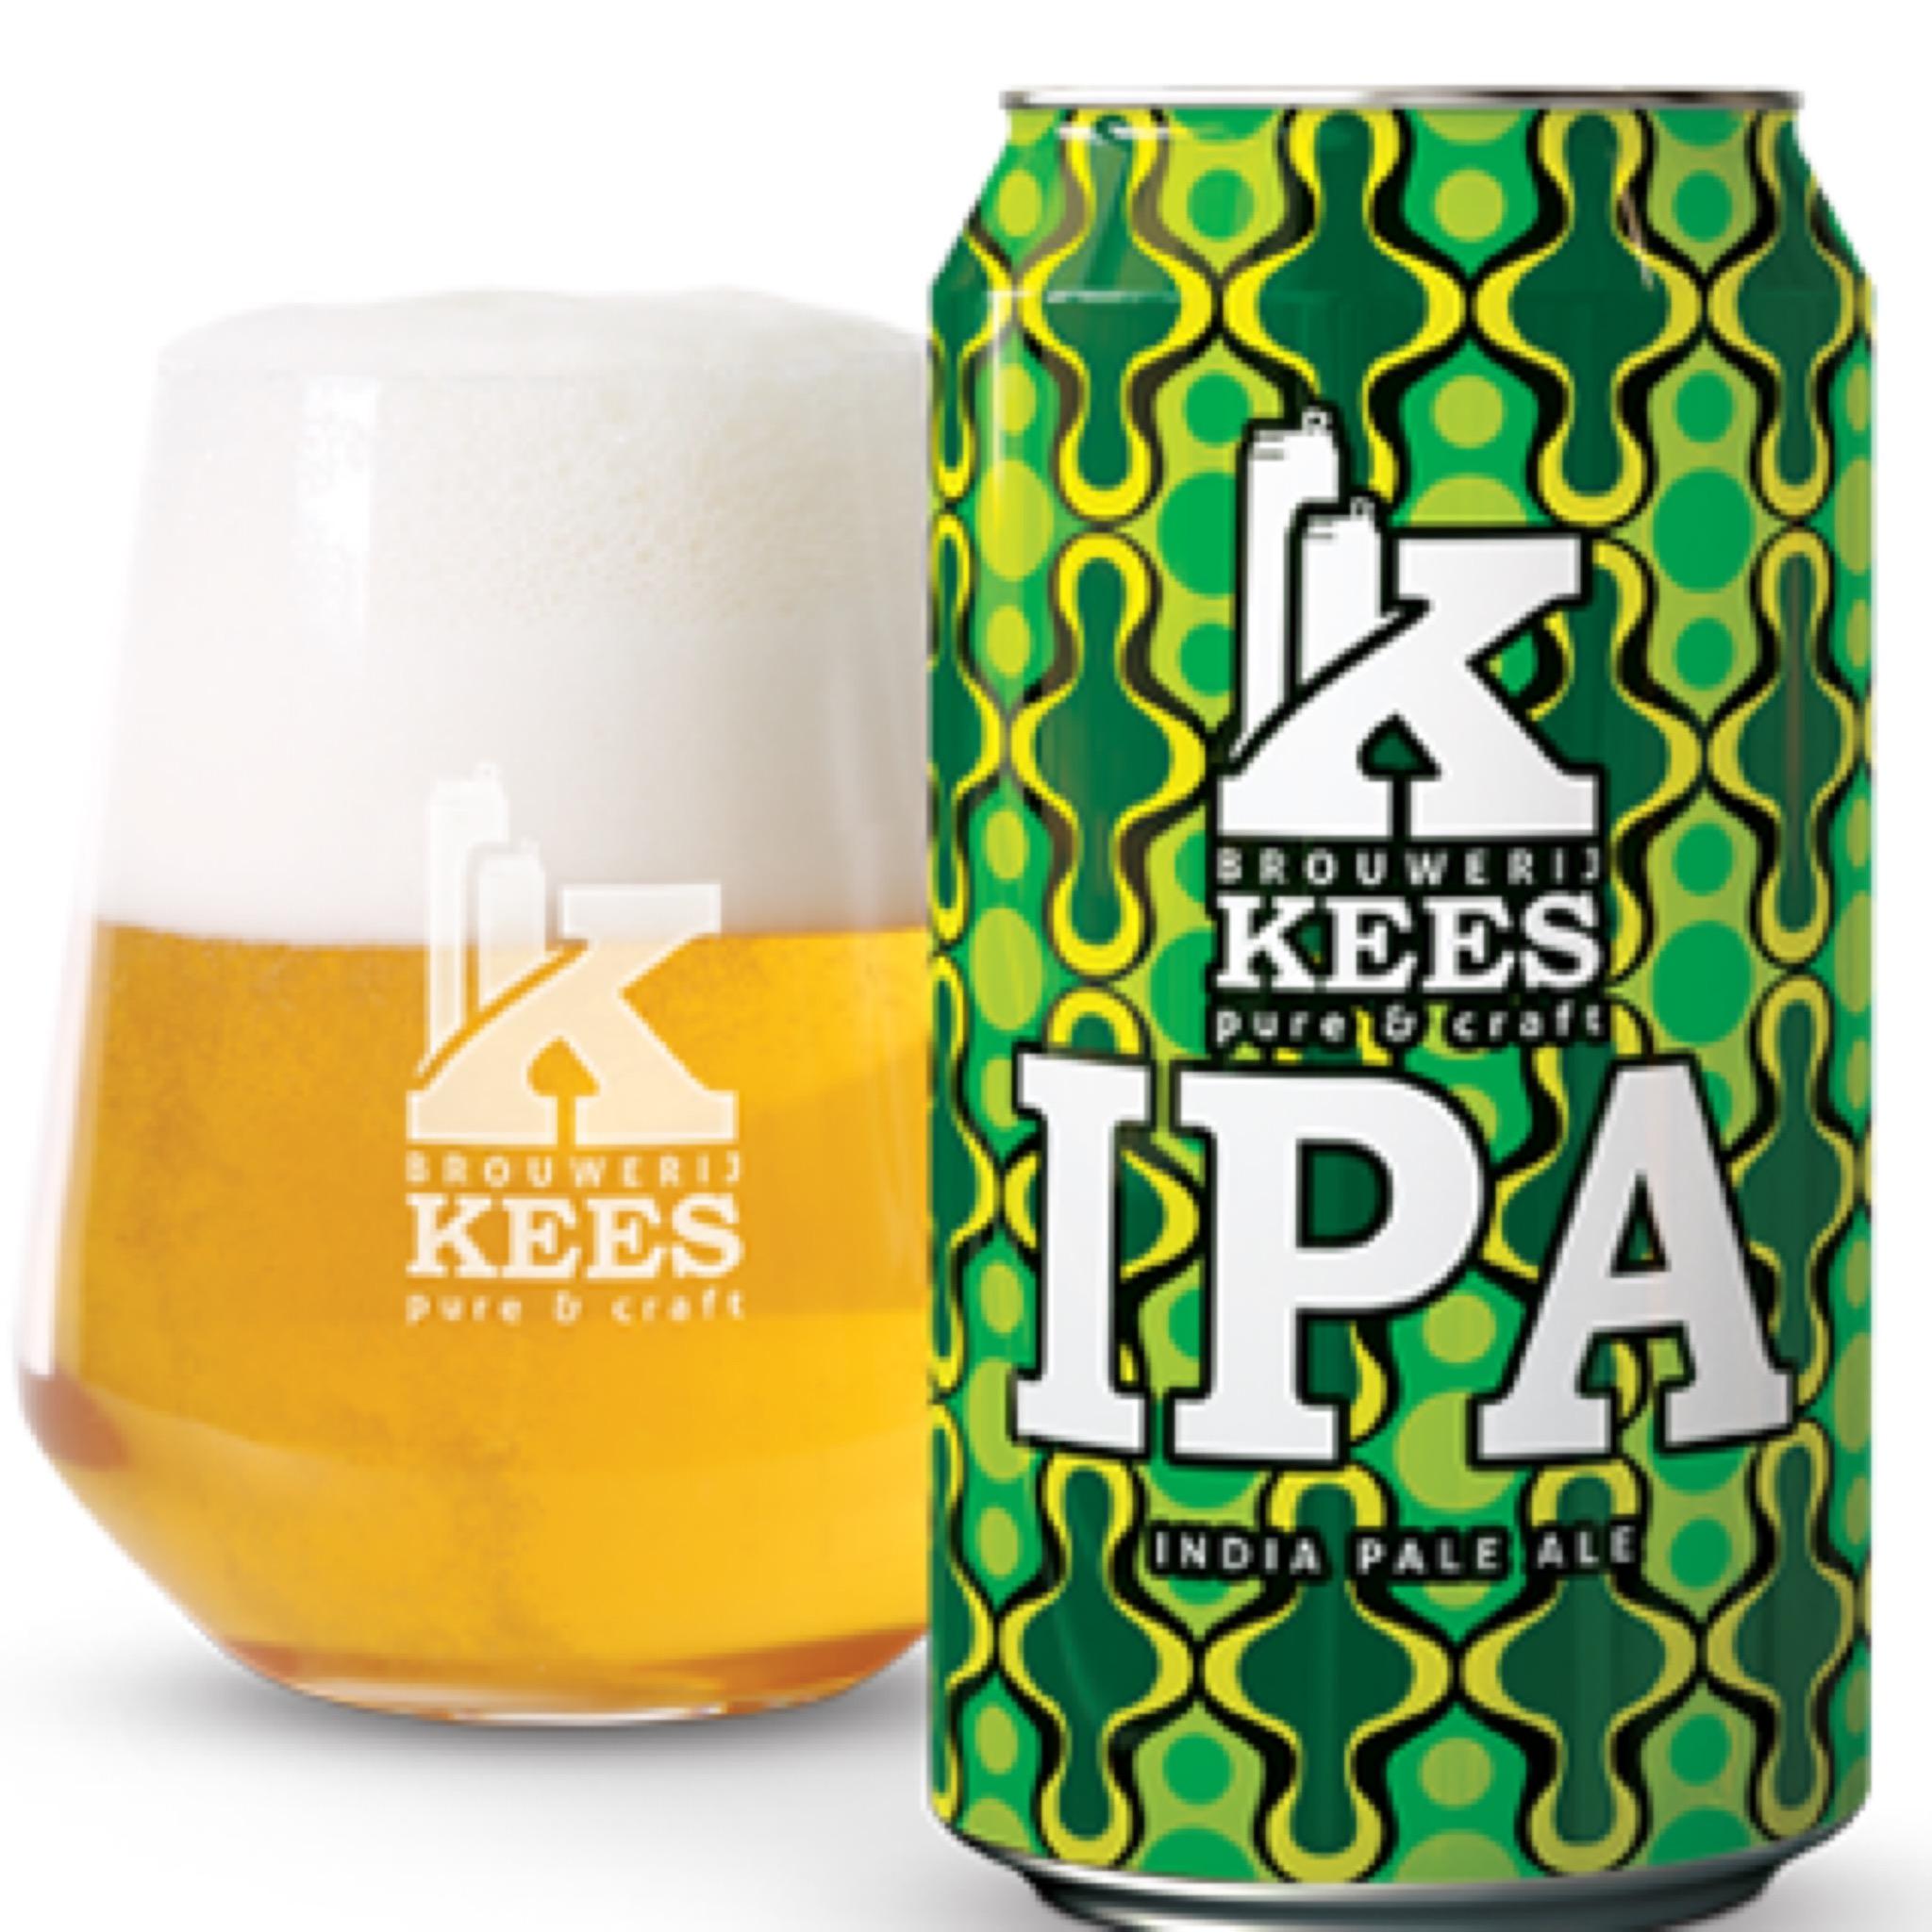 Kees IPA 6.2% 330ml Brouwerij Kees